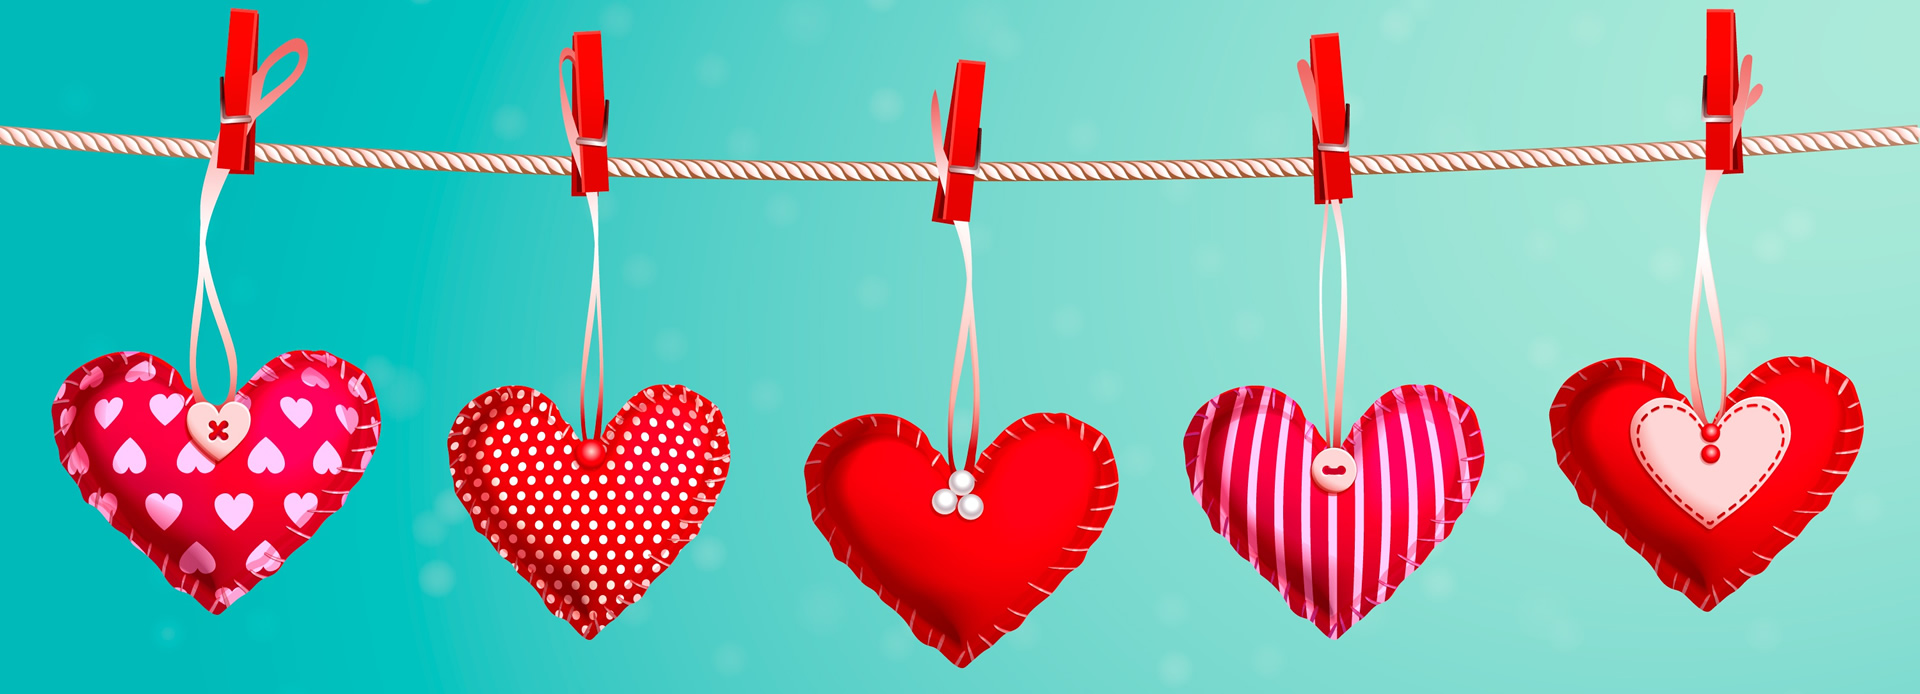 Immagini divertenti di San Valentino